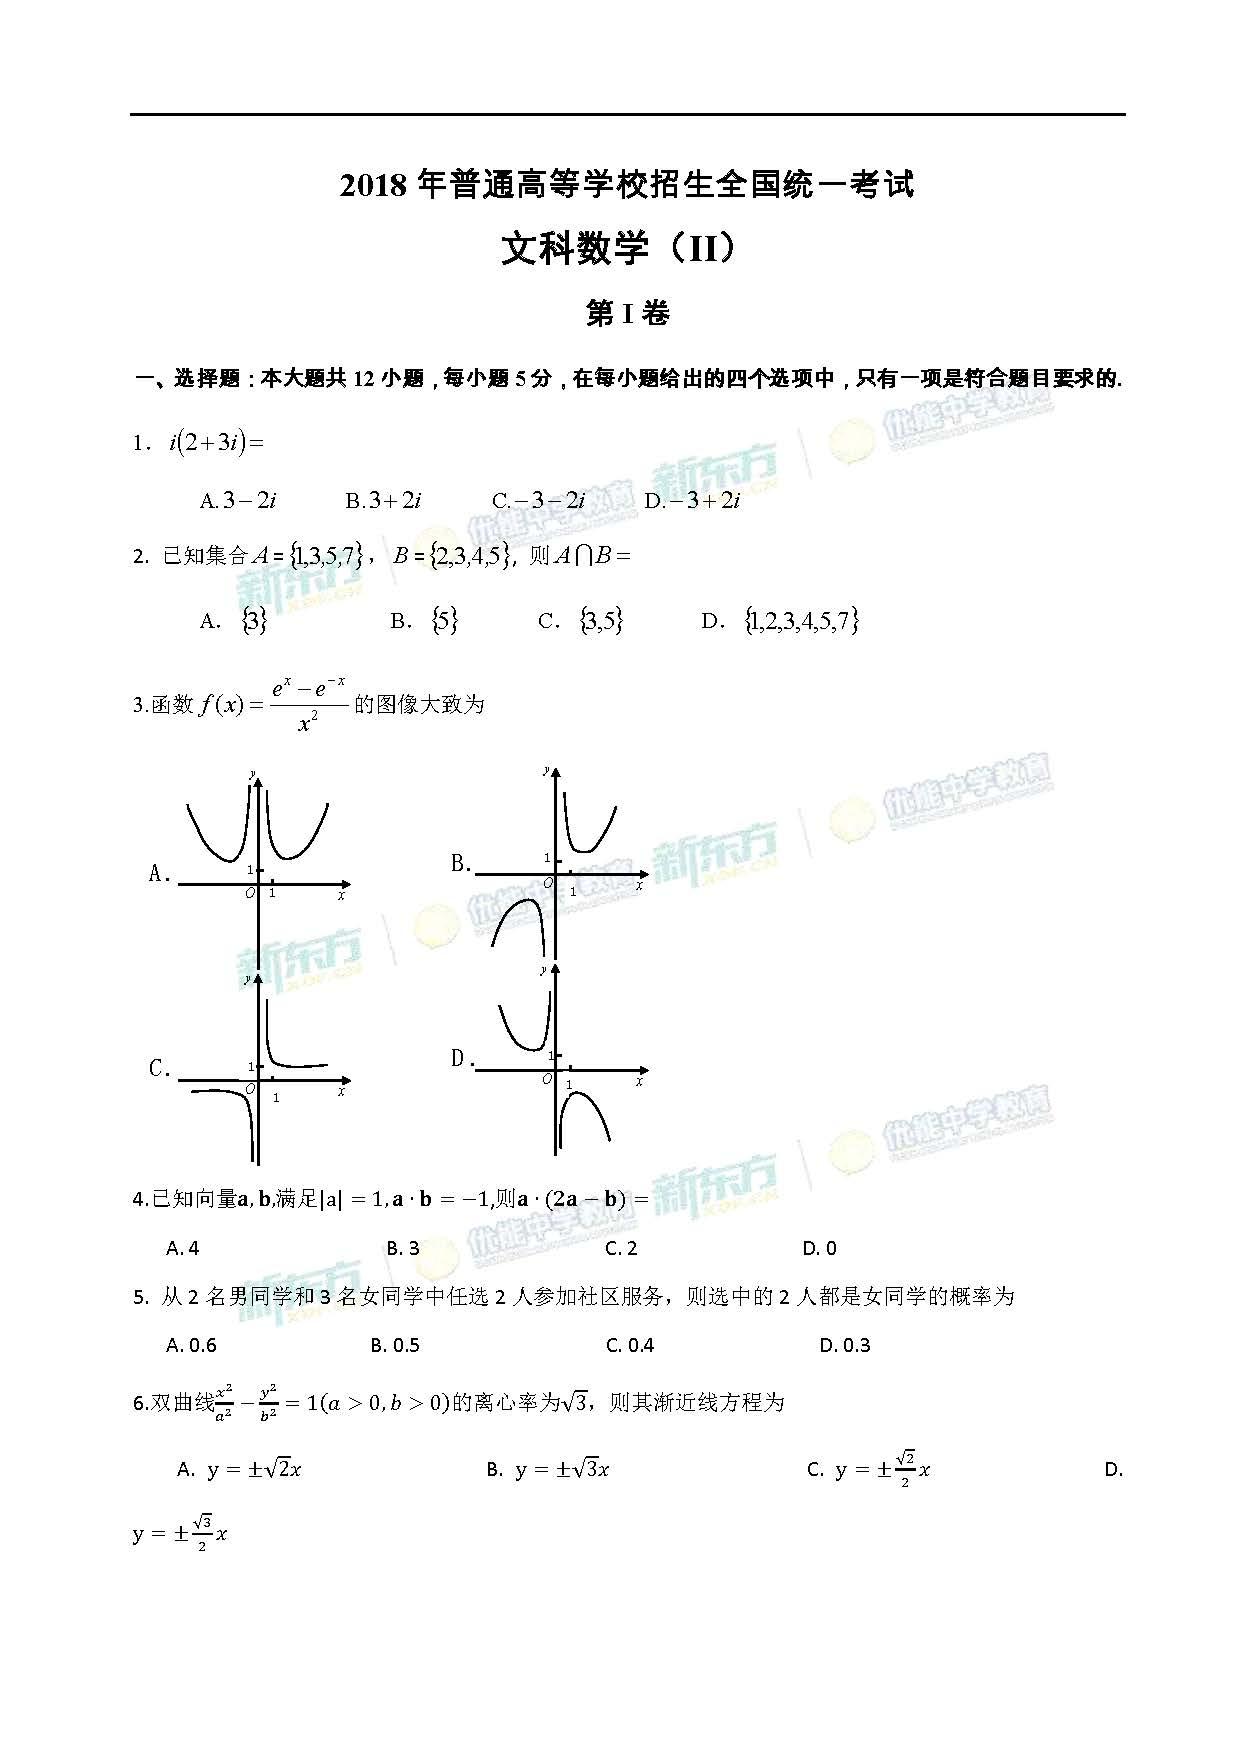 2018全国卷2高考数学文试卷(乌鲁木齐新东方)